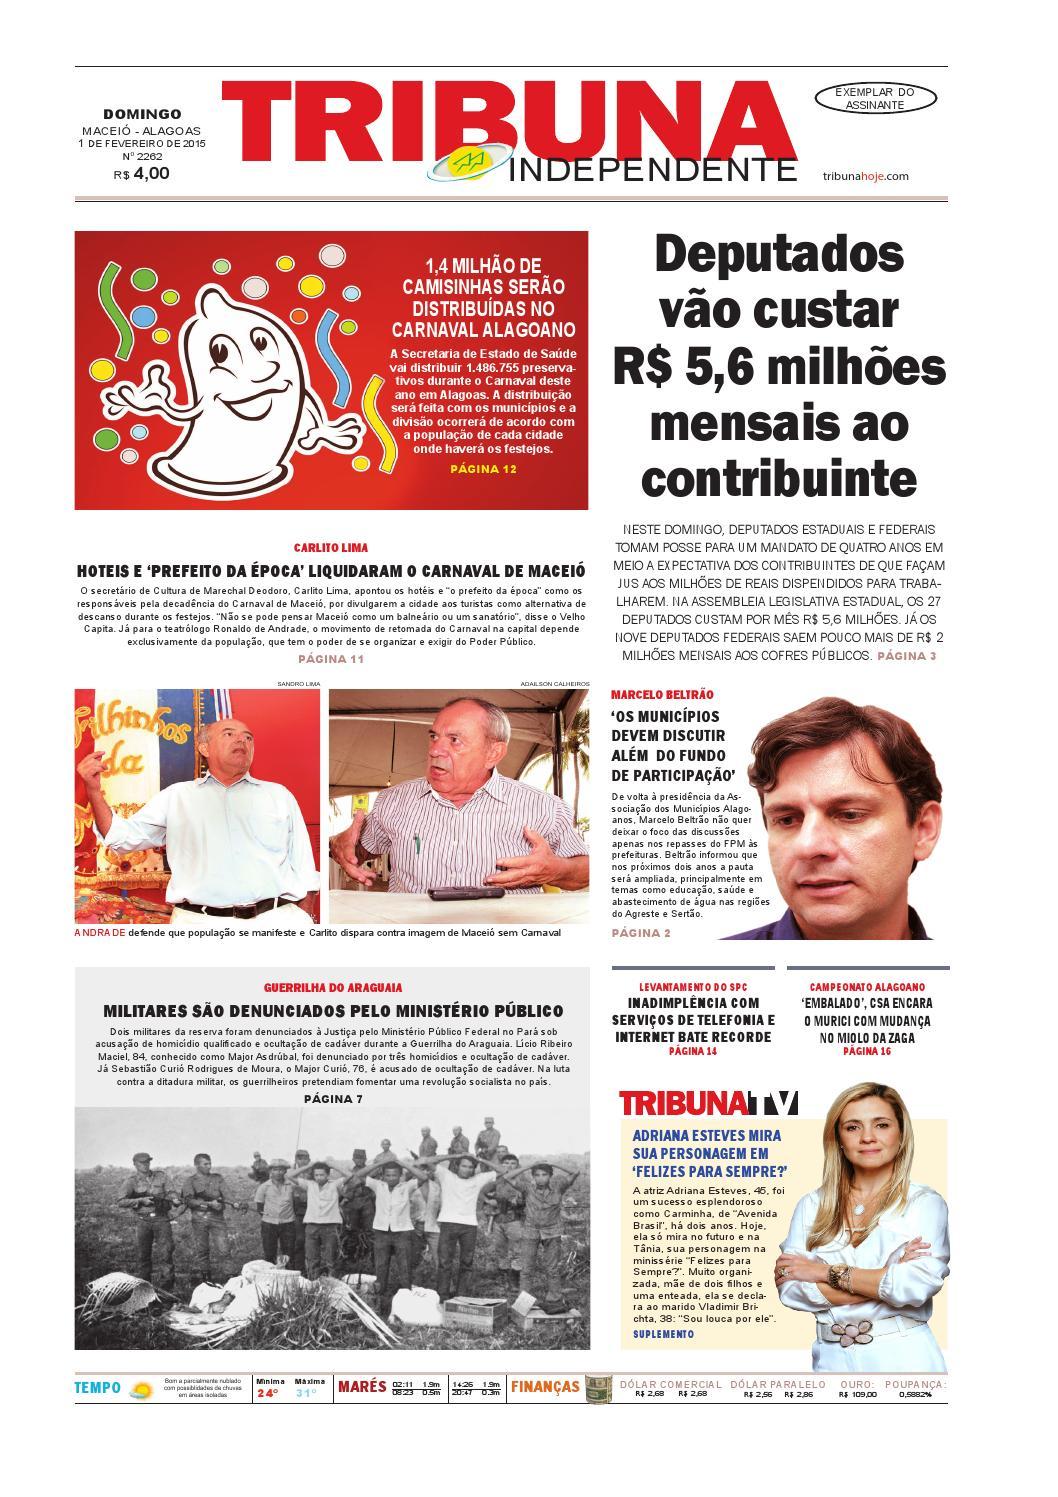 91ce0d5791e5d Edição número 2262 - 1 de fevereiro de 2015 by Tribuna Hoje - issuu